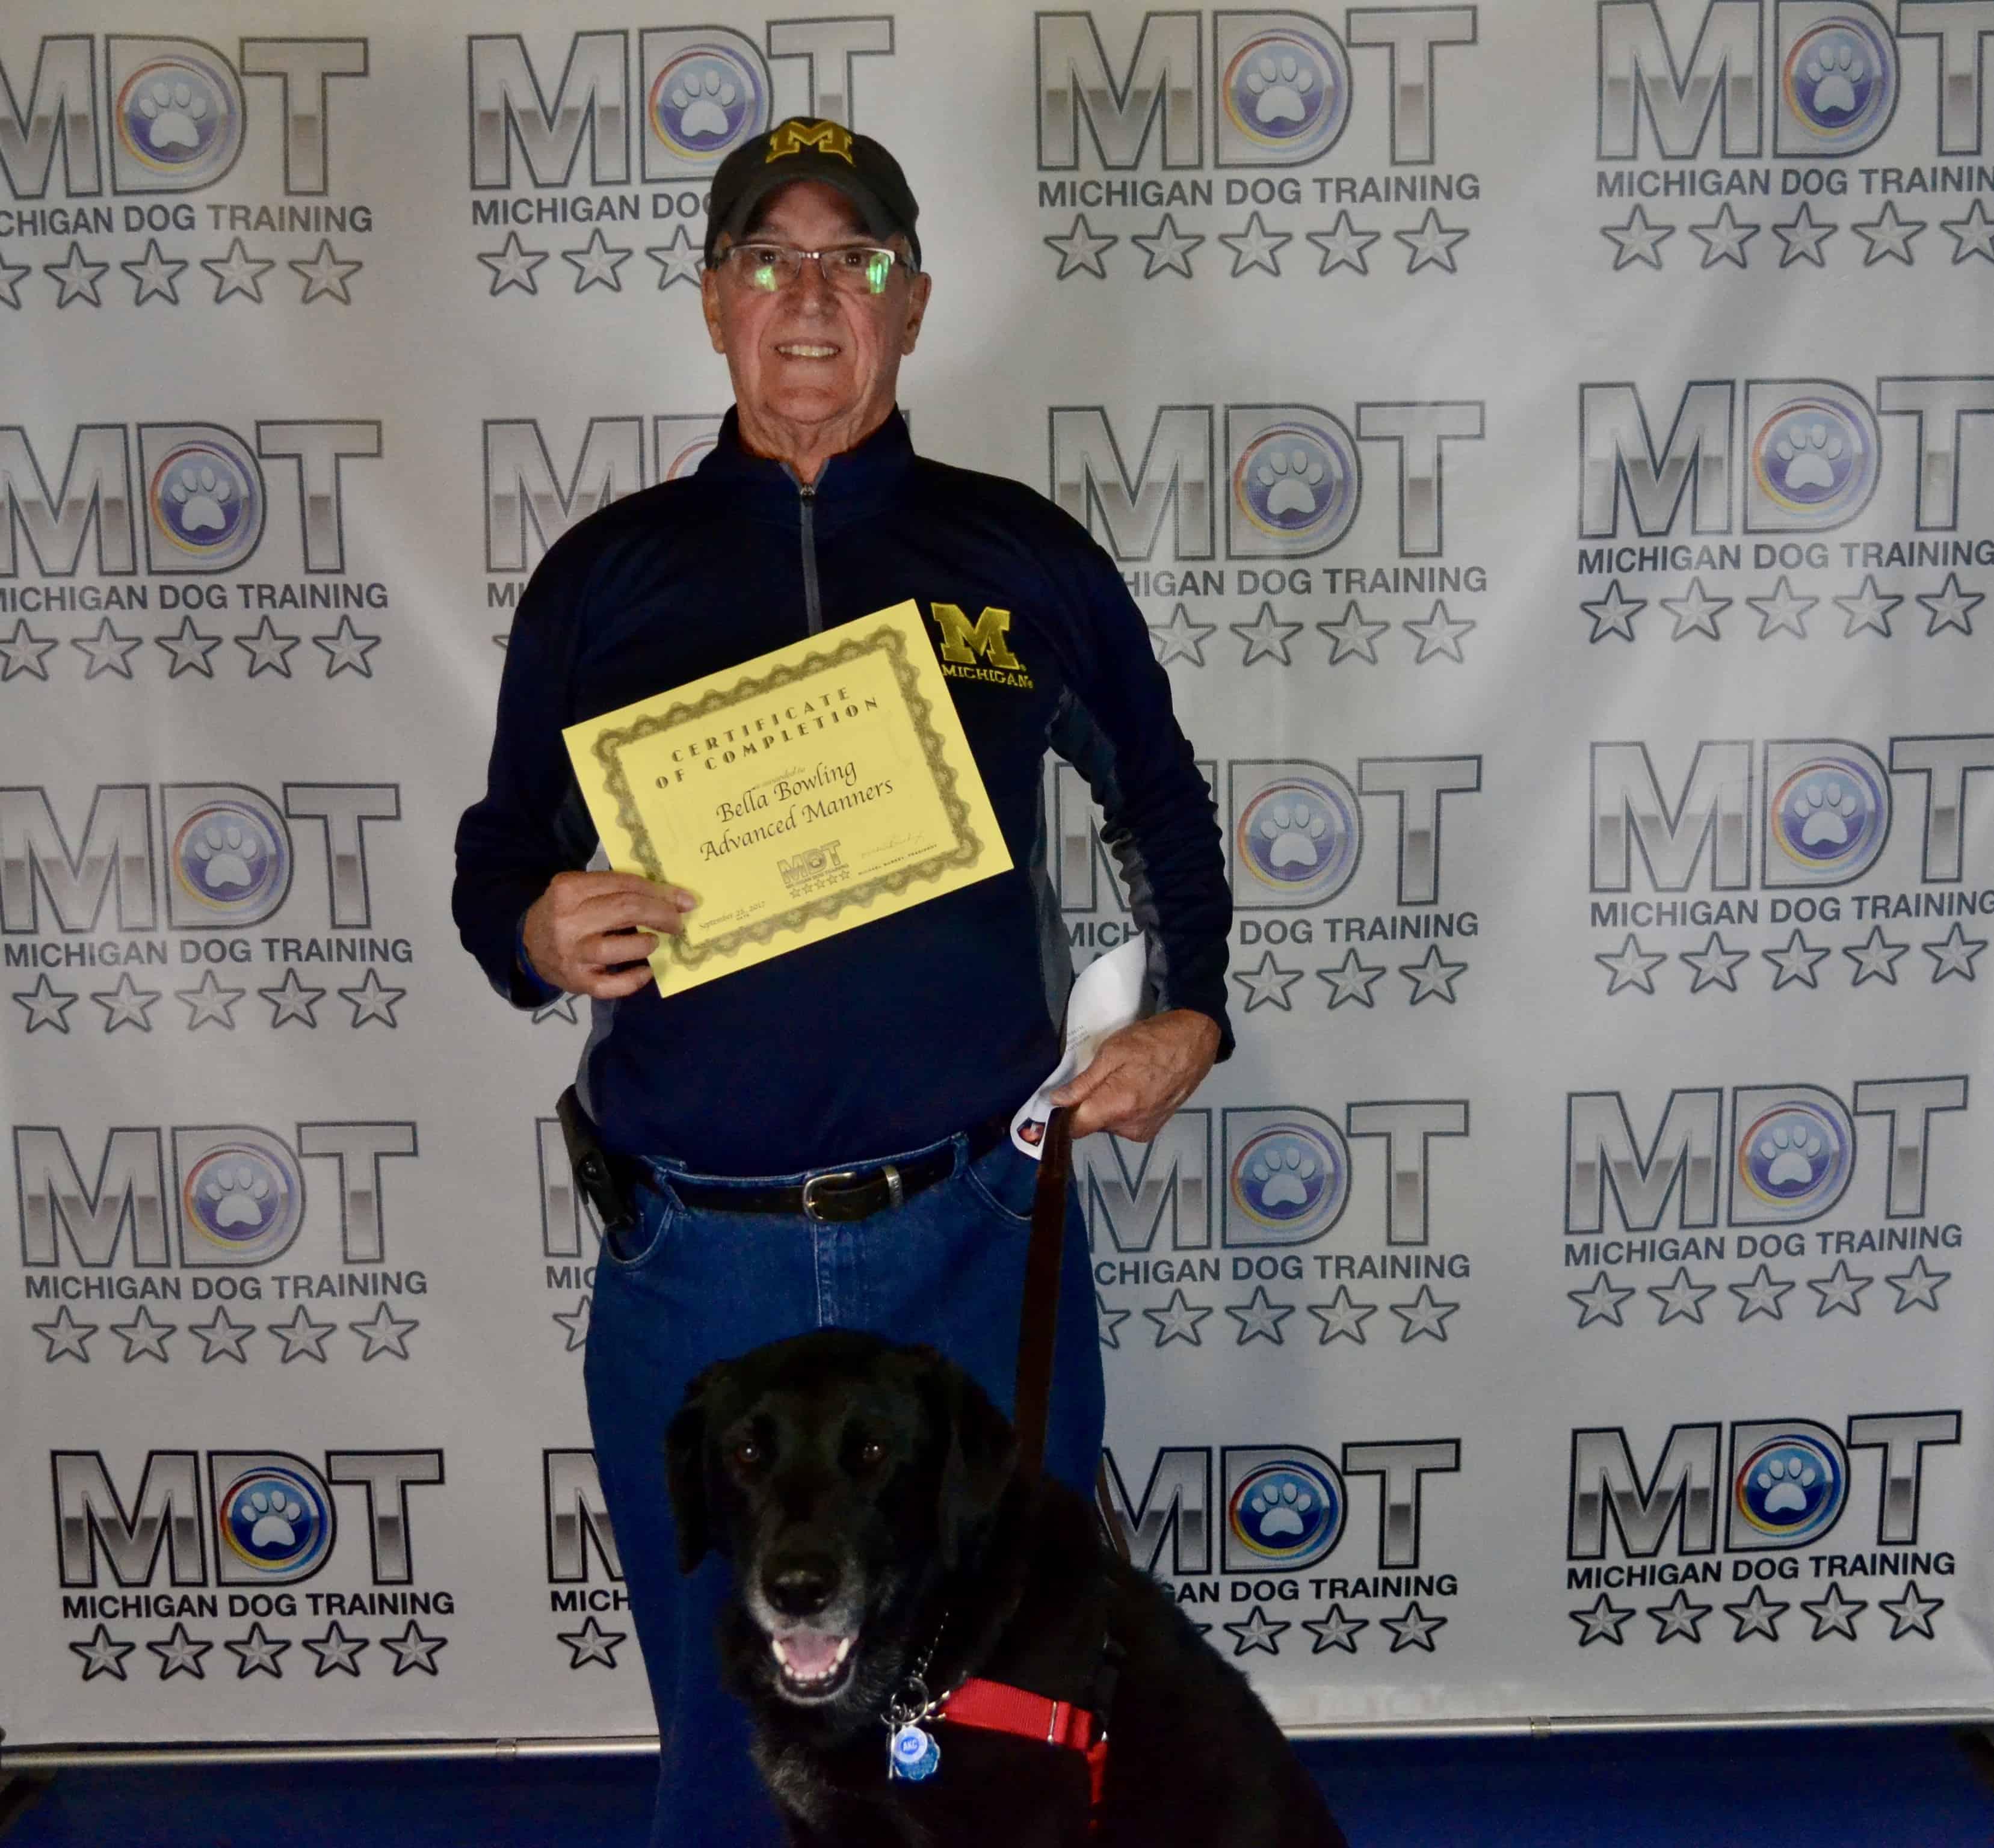 Canton | Michigan Dog Training